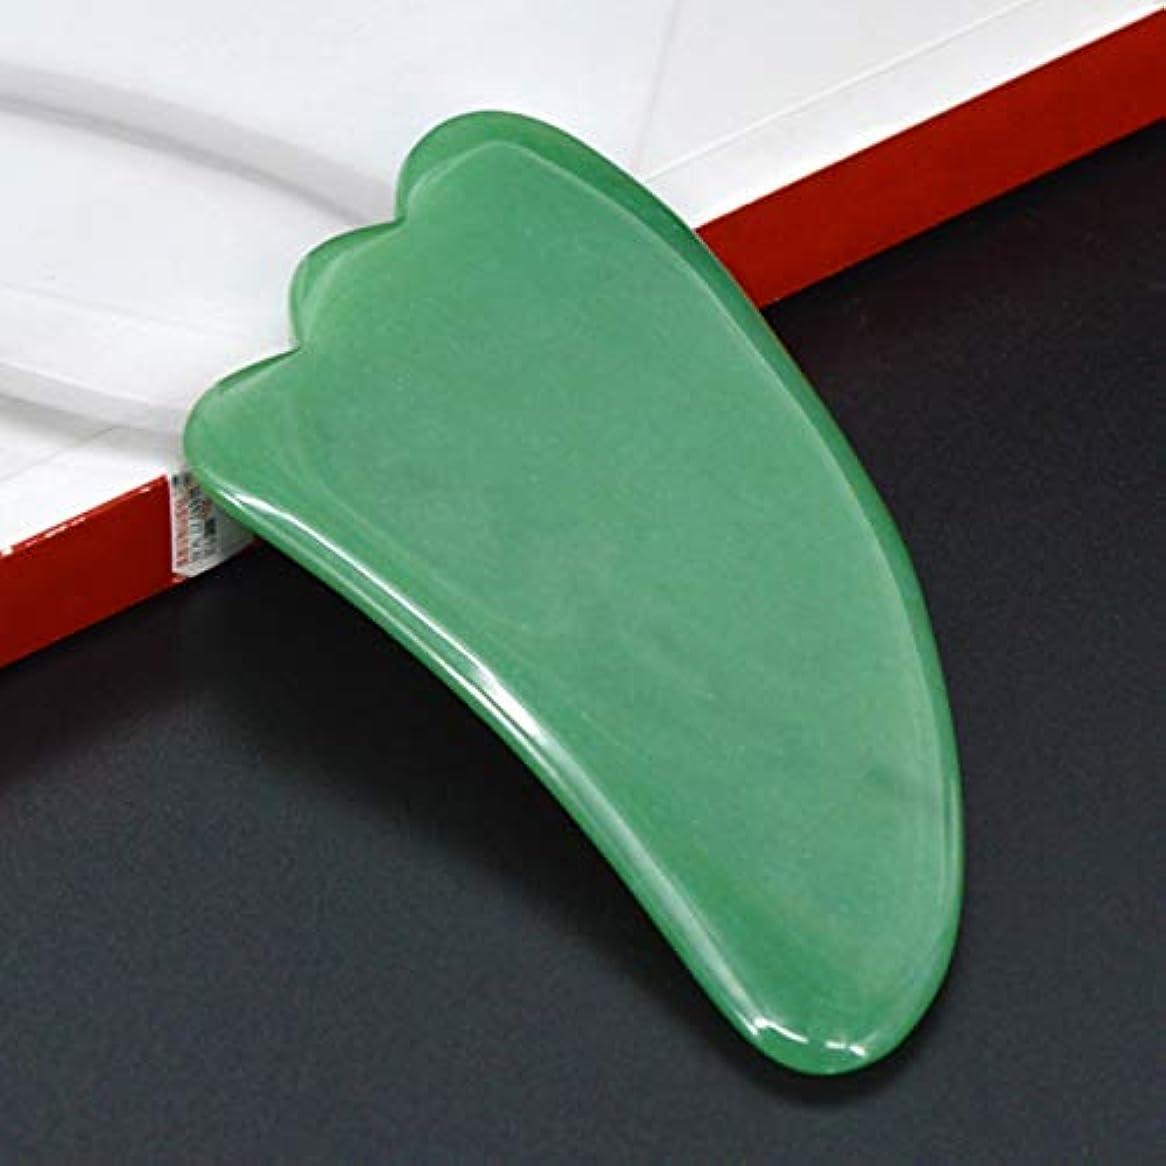 Compact Size Gua Sha Facial Treatment Massage Tool Chinese Natural Jade Scraping Tools Massage Healing Tool